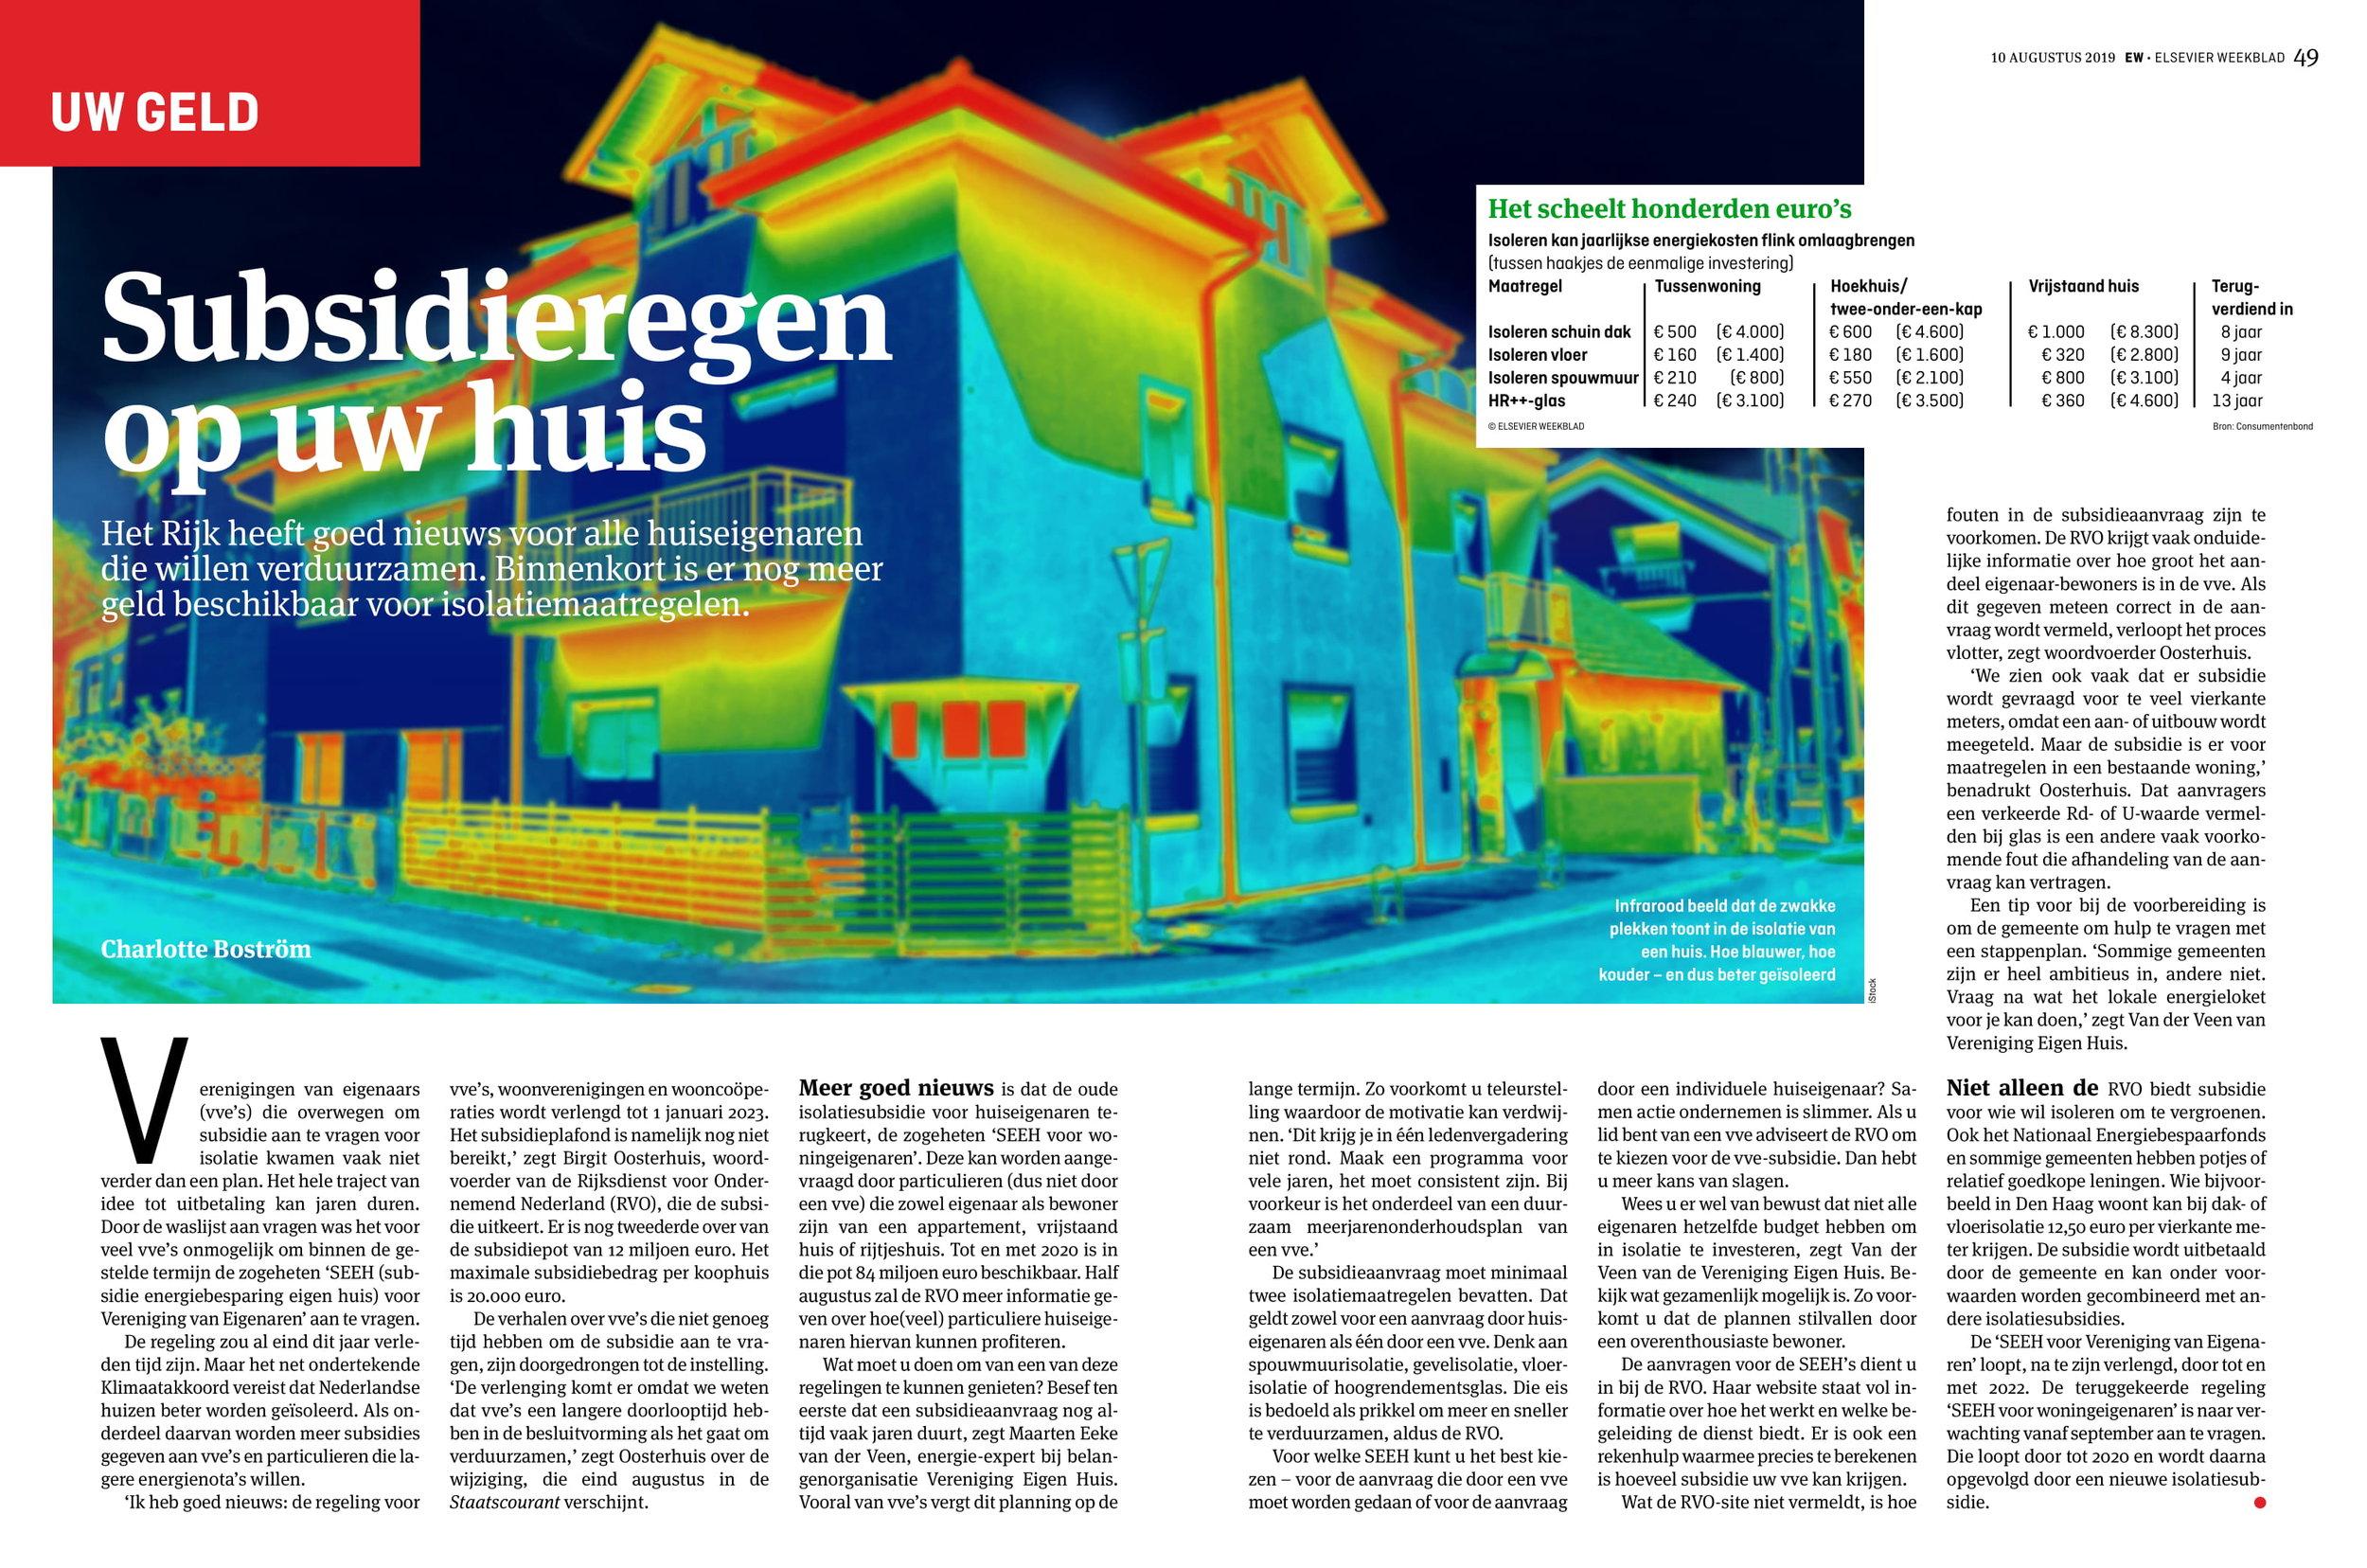 32_GLD FEAT ENERGIESUBSIDIE-1.jpg